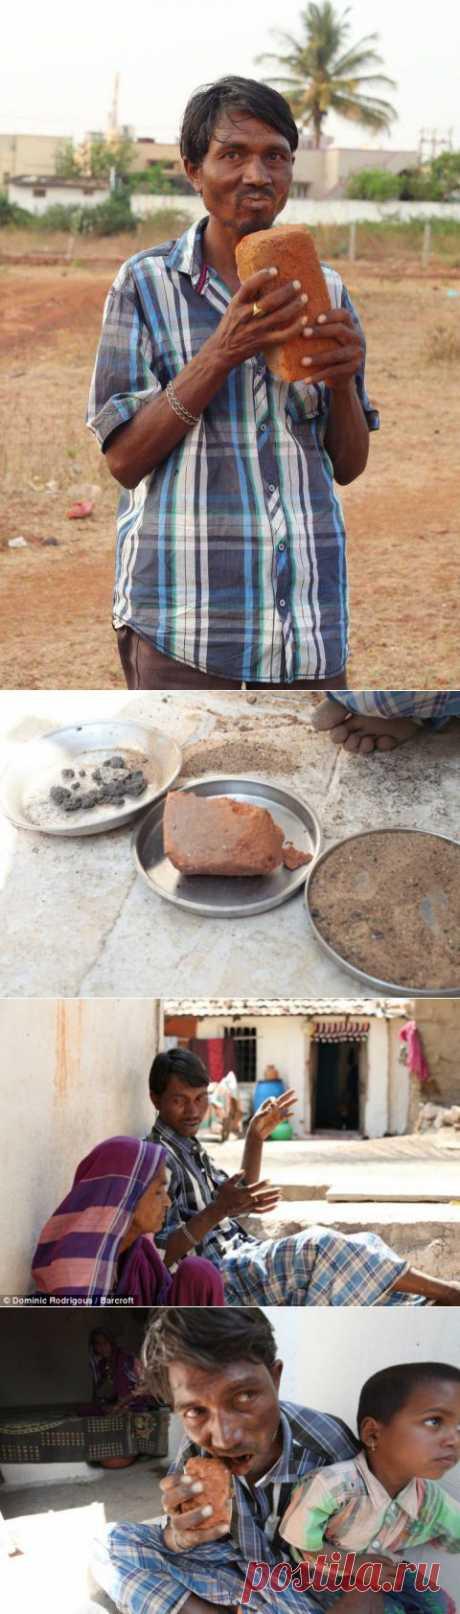 (+1) сообщ - Кирпичи вместо хлеба. Необычная болезнь | УДИВИТЕЛЬНОЕ